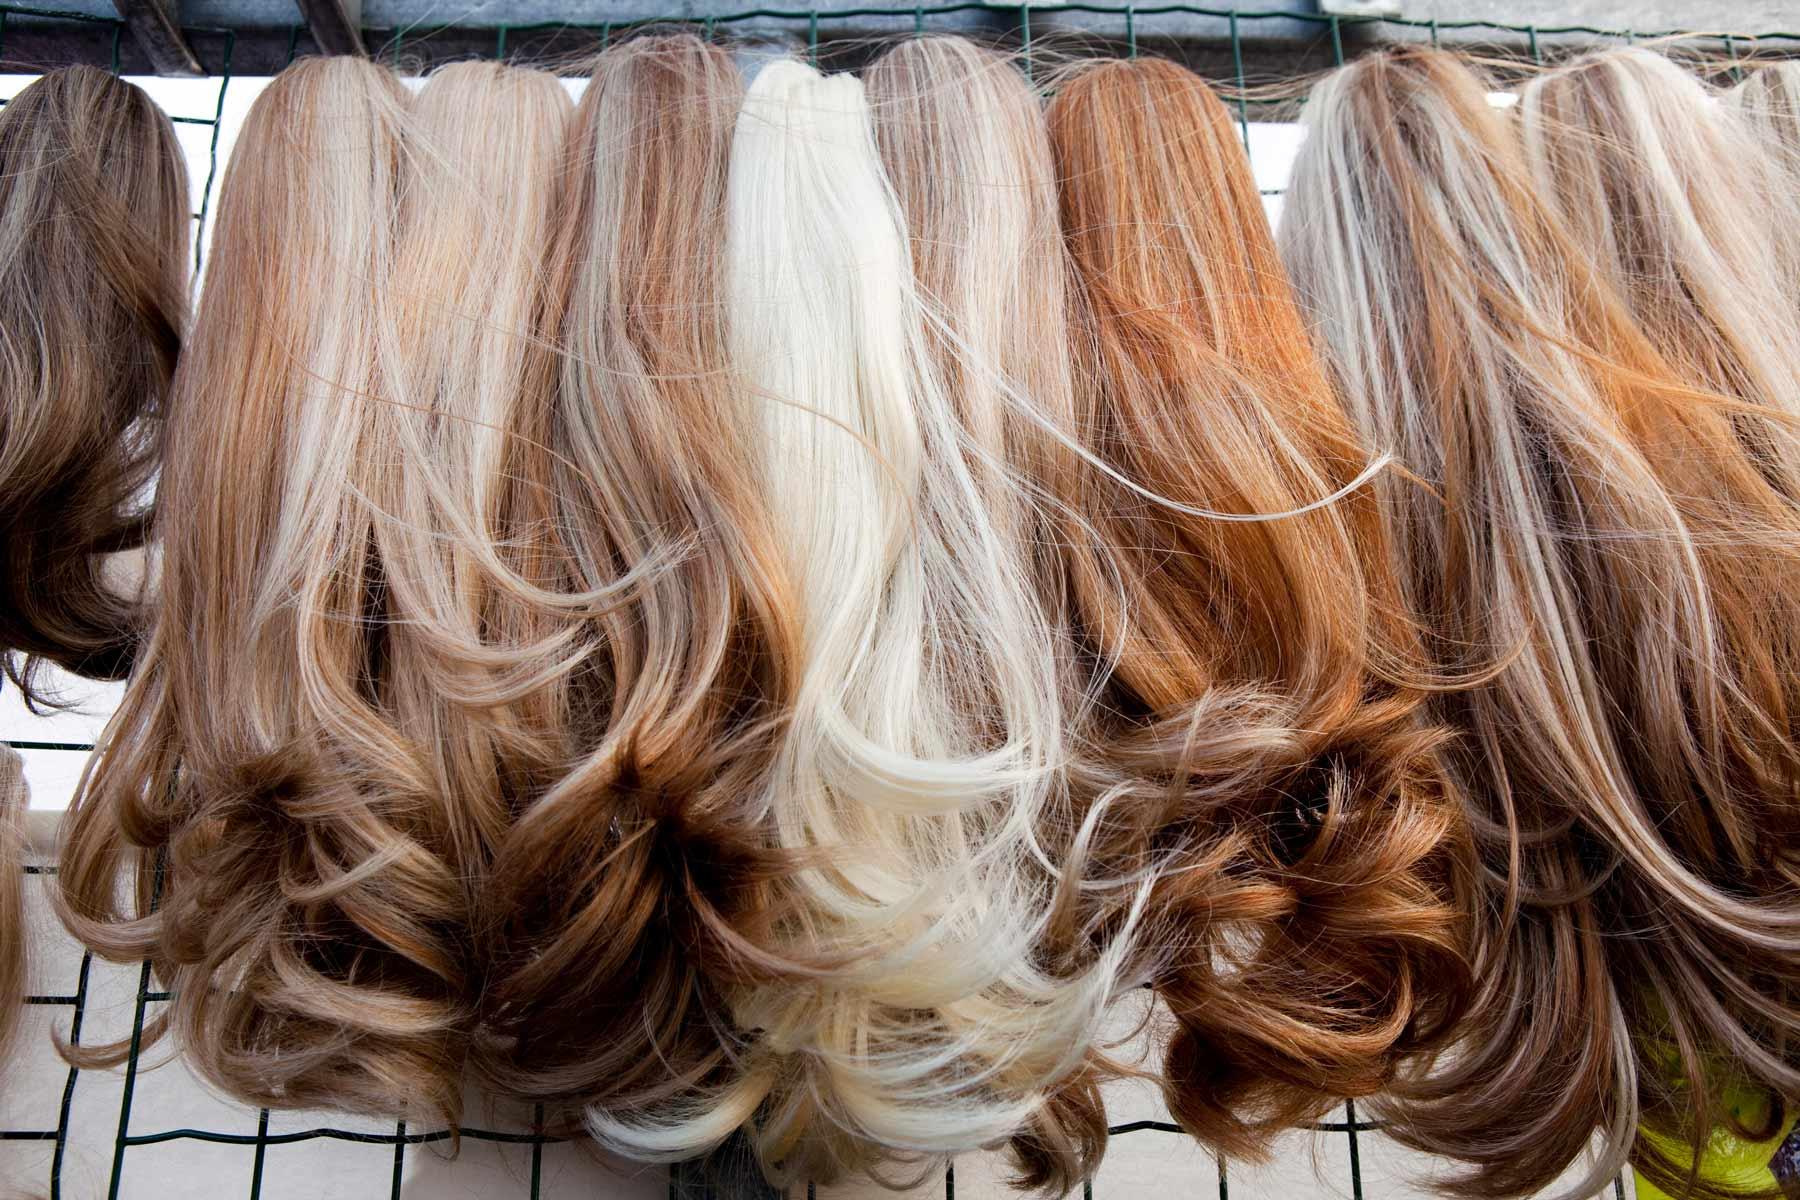 So sieht eine Haarverlängerung aus